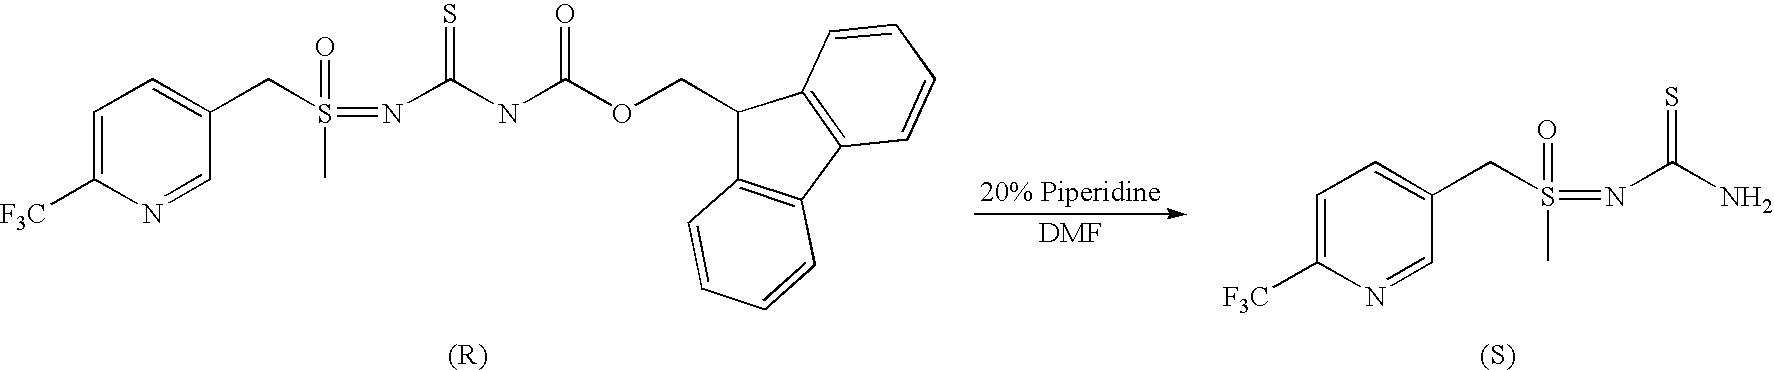 Figure US20090029863A1-20090129-C00075